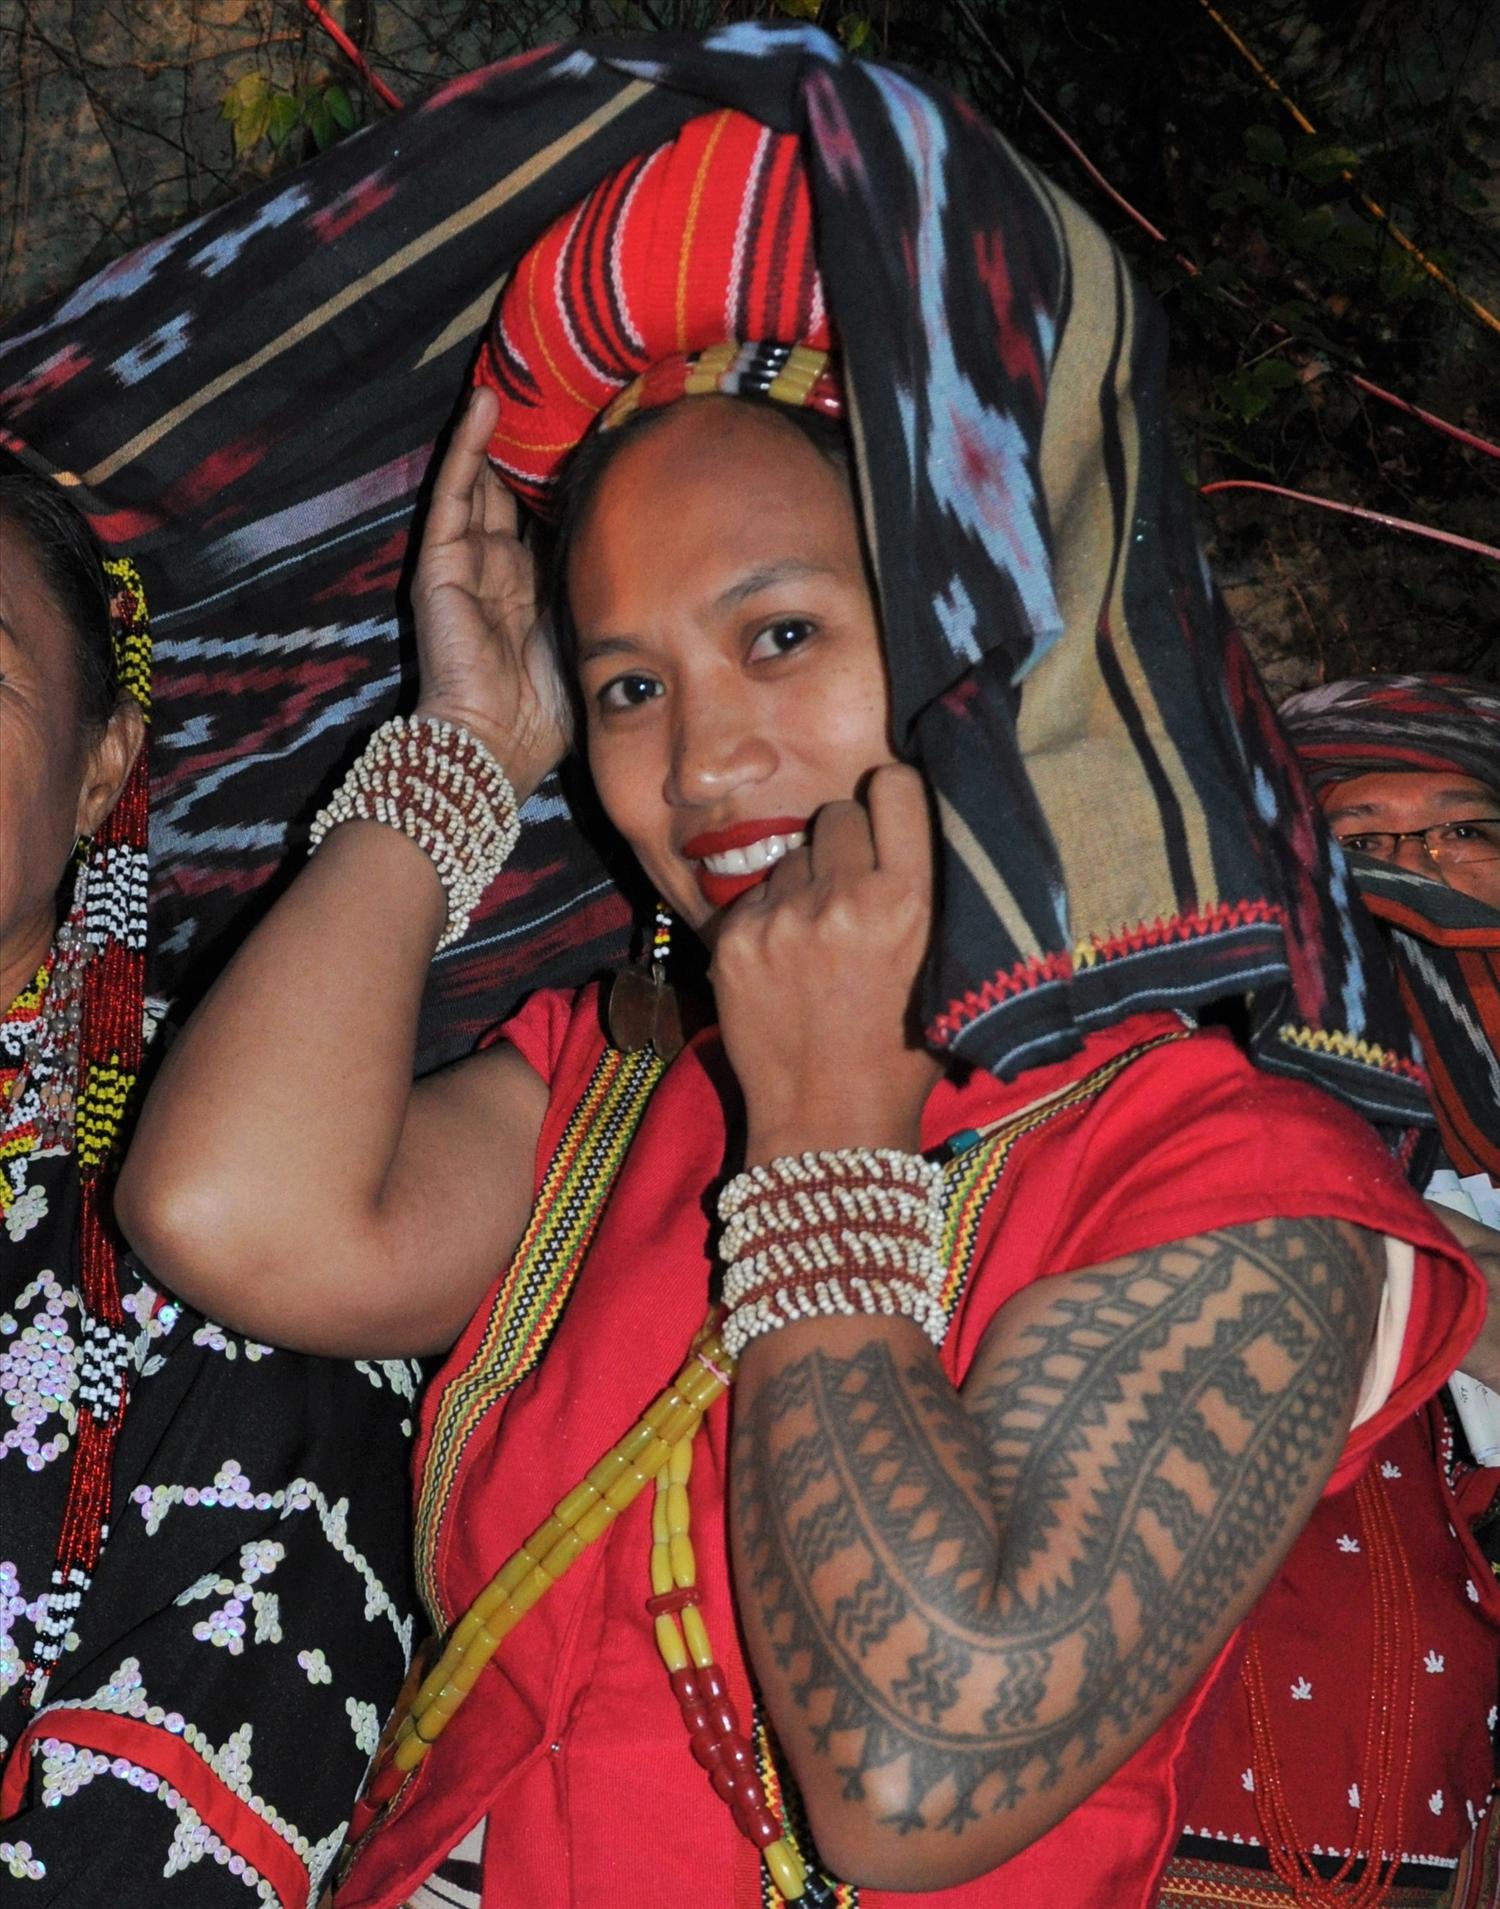 Phụ nữ dân tộc Butbut, làng Buscalan, vùng Kalinga, ở miền Bắc Philippines với hình xăm trên hai cánh tay (Ảnh: Tấn Vịnh)